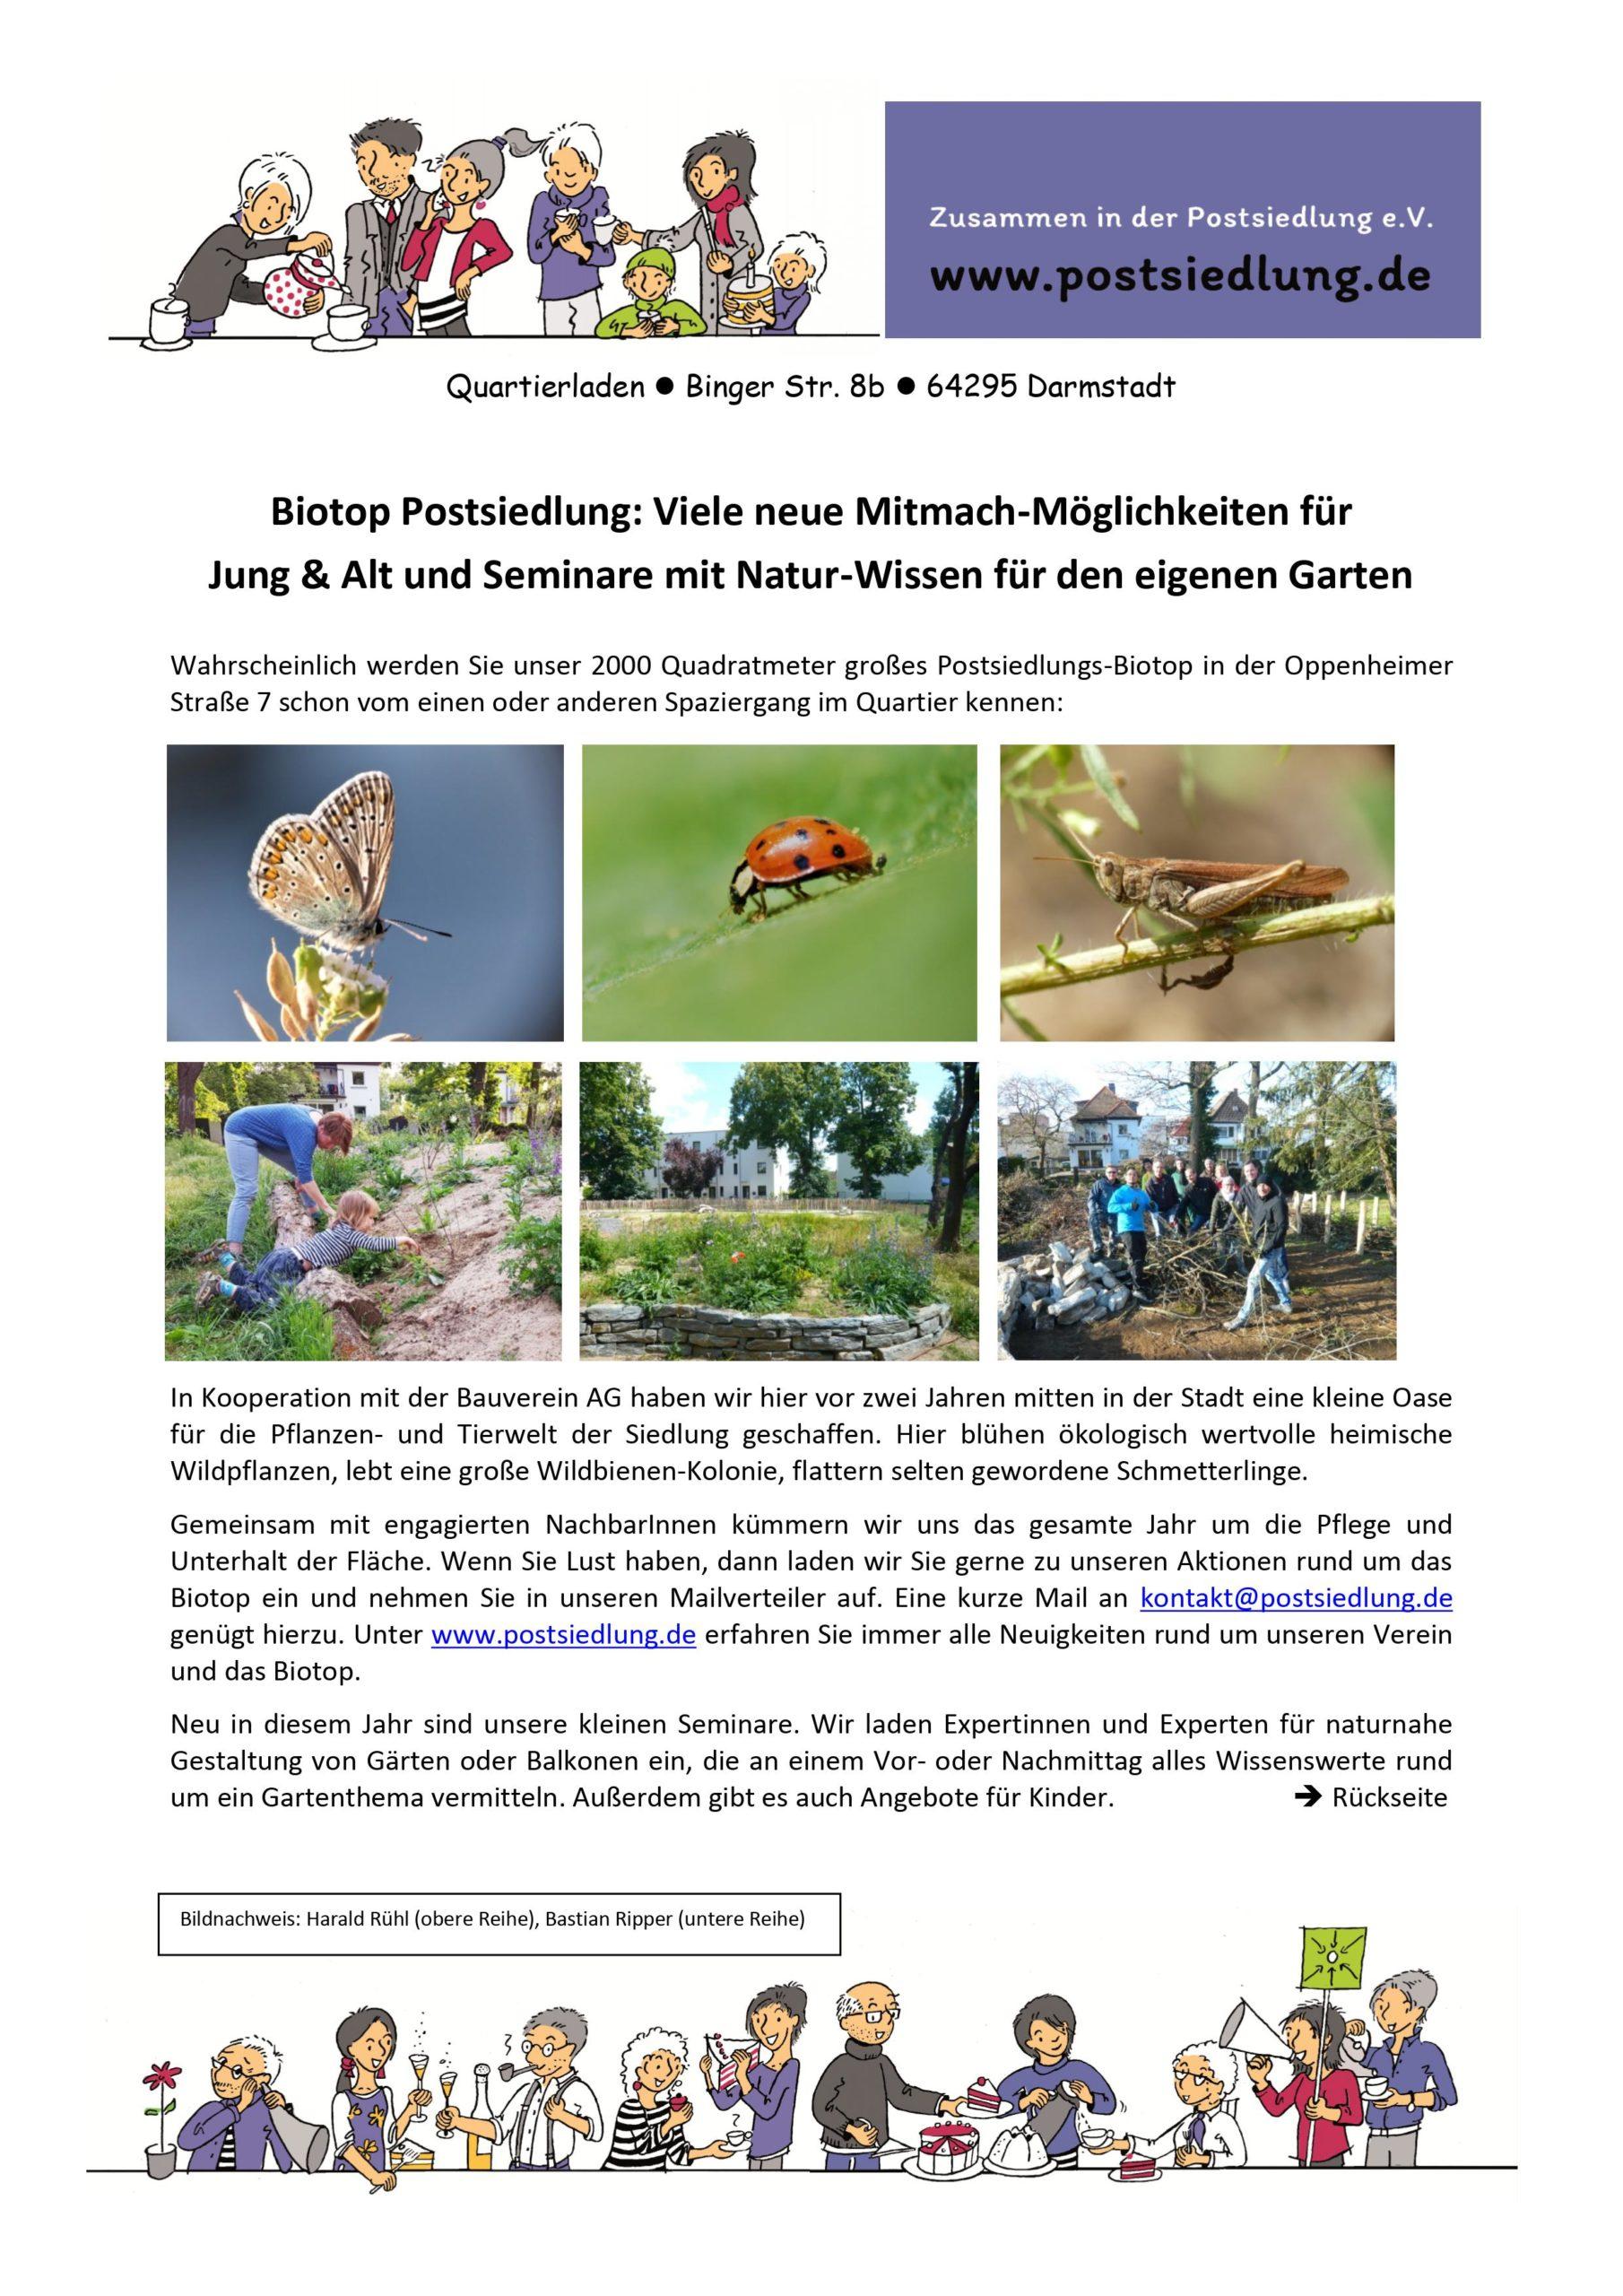 Biotop Postsiedlung im Gartenjahr 2021: Viele neue Mitmach-Möglichkeiten für Jung und Alt